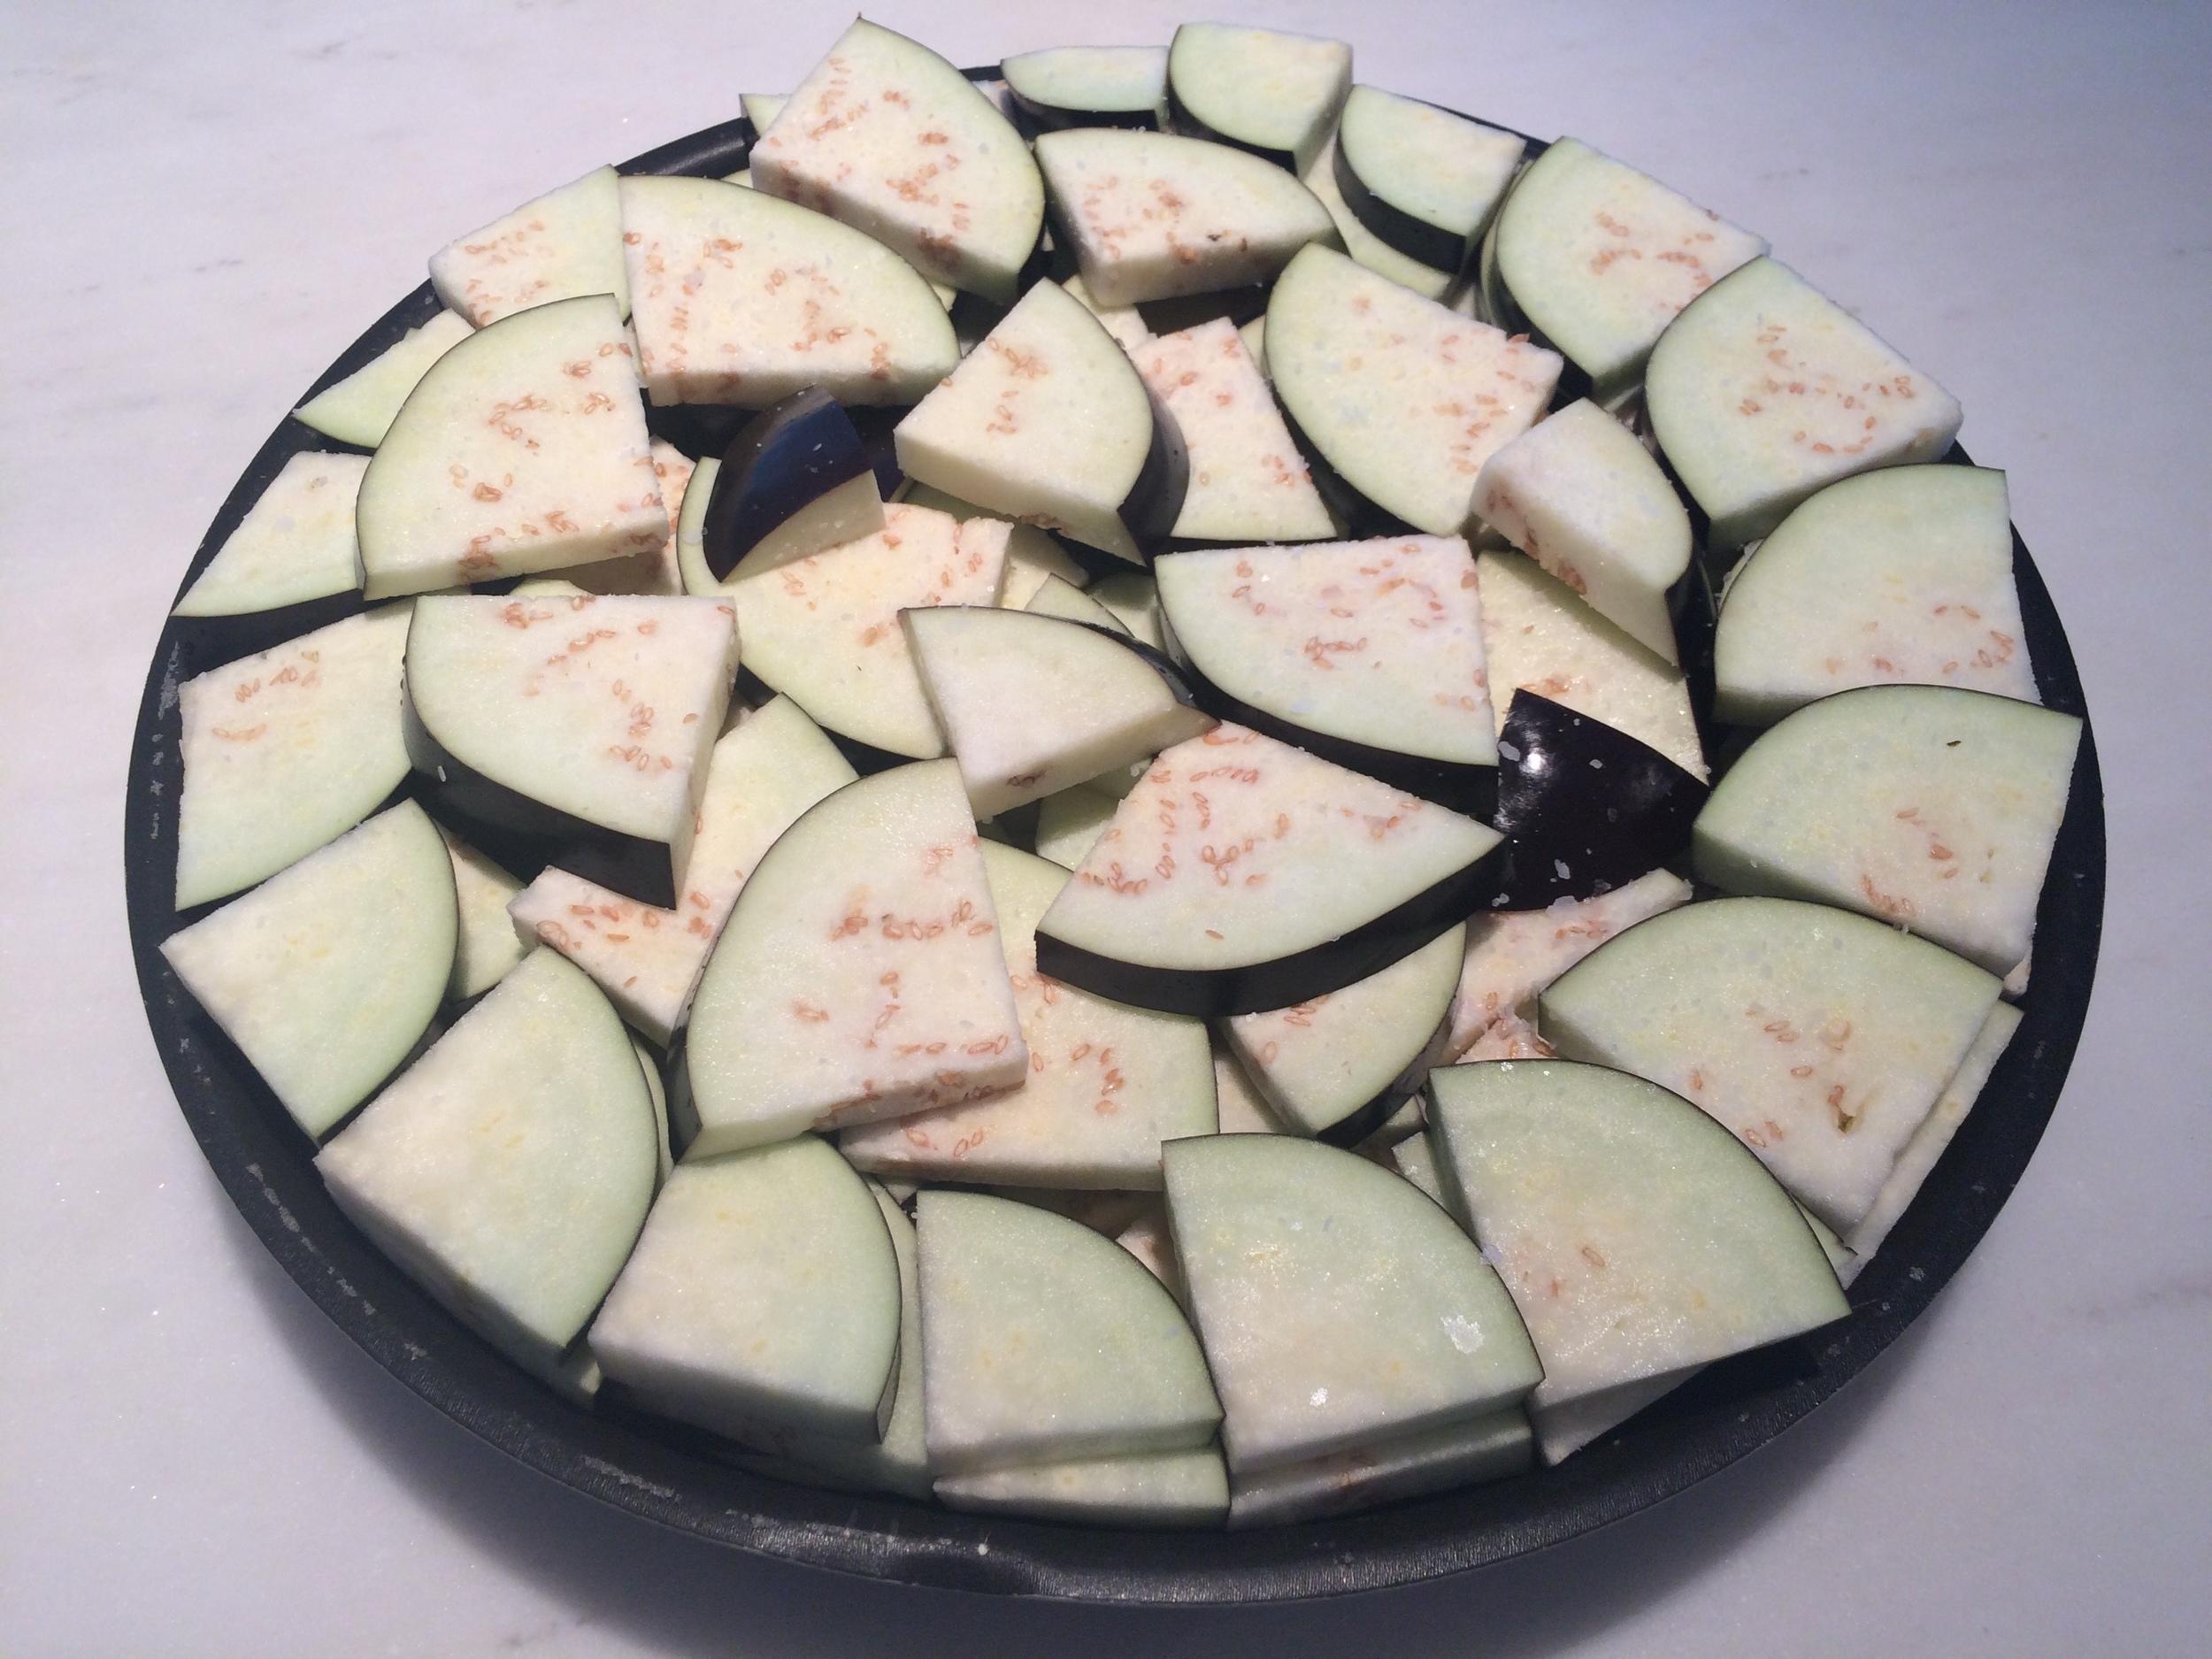 Pique-as em fatias e depois as fatias em quadrantes. Disponha-as em camadas numa assadeira, tomando o cuidado de polvilhar sal por cima de cada camada.